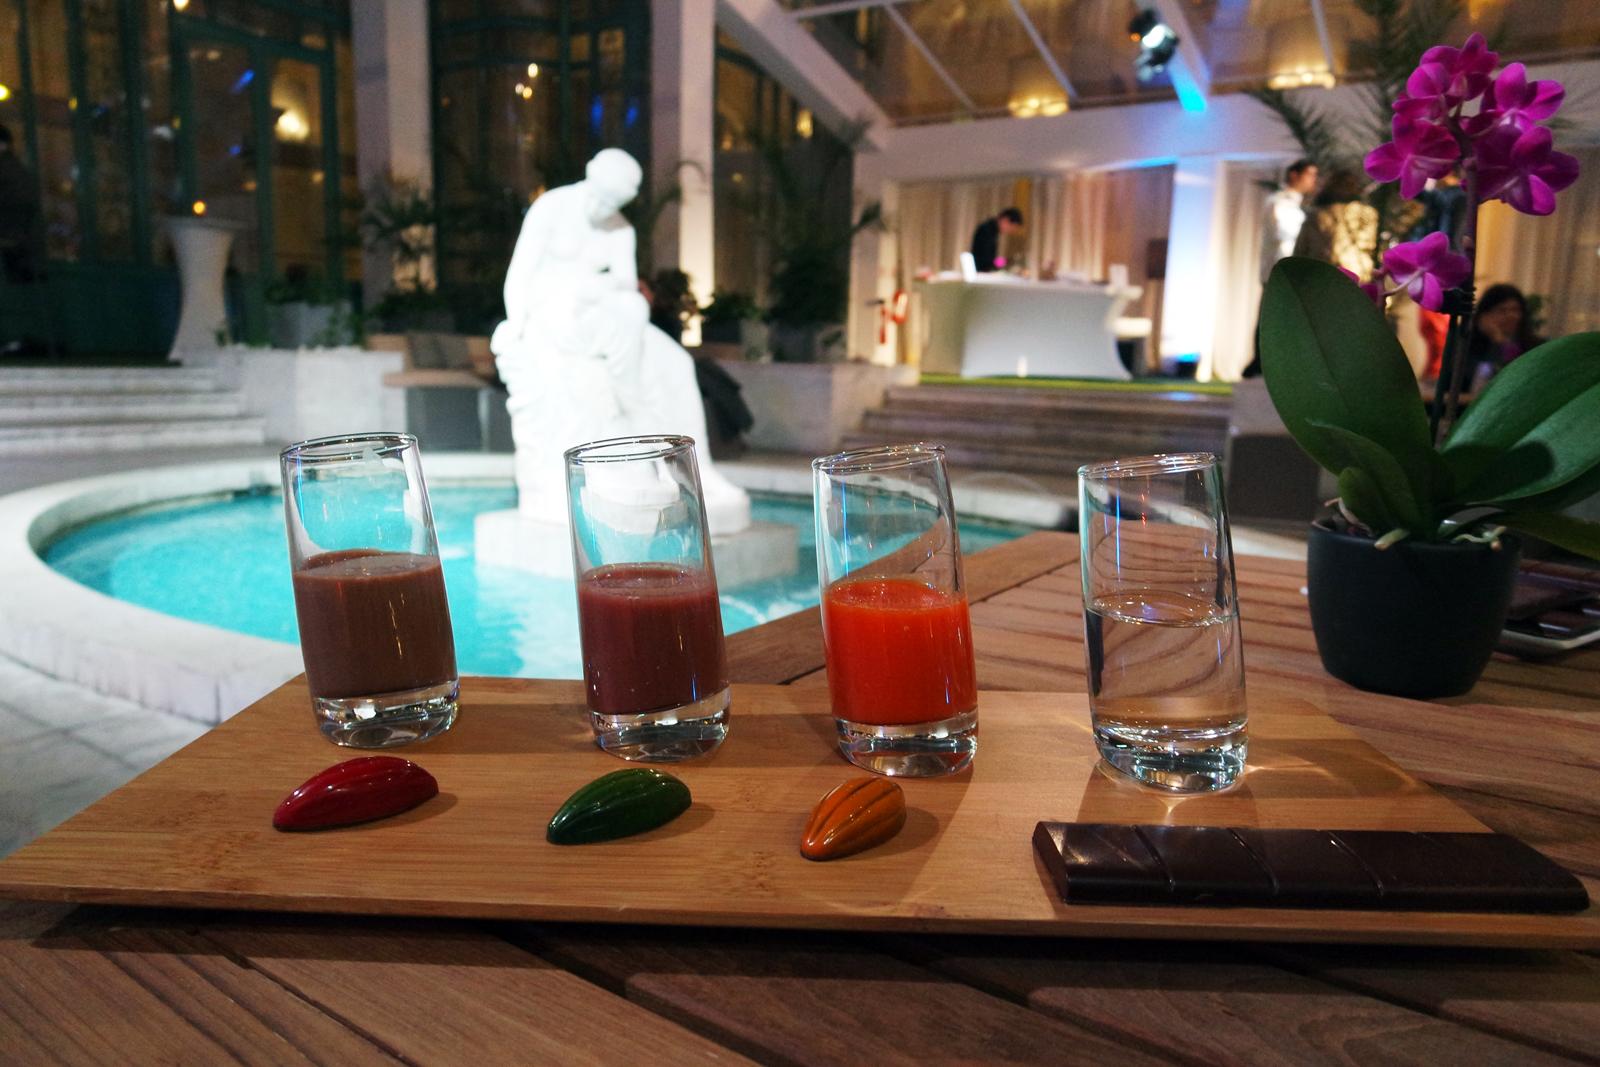 Sélection de cocktails du bar du Westin Paris-Vendôme Hotel avec fèves chocolat noir 66 pour cent origine Mexique oeuf de Pâques QUETZALCOATL dégustation photo usofparis blog